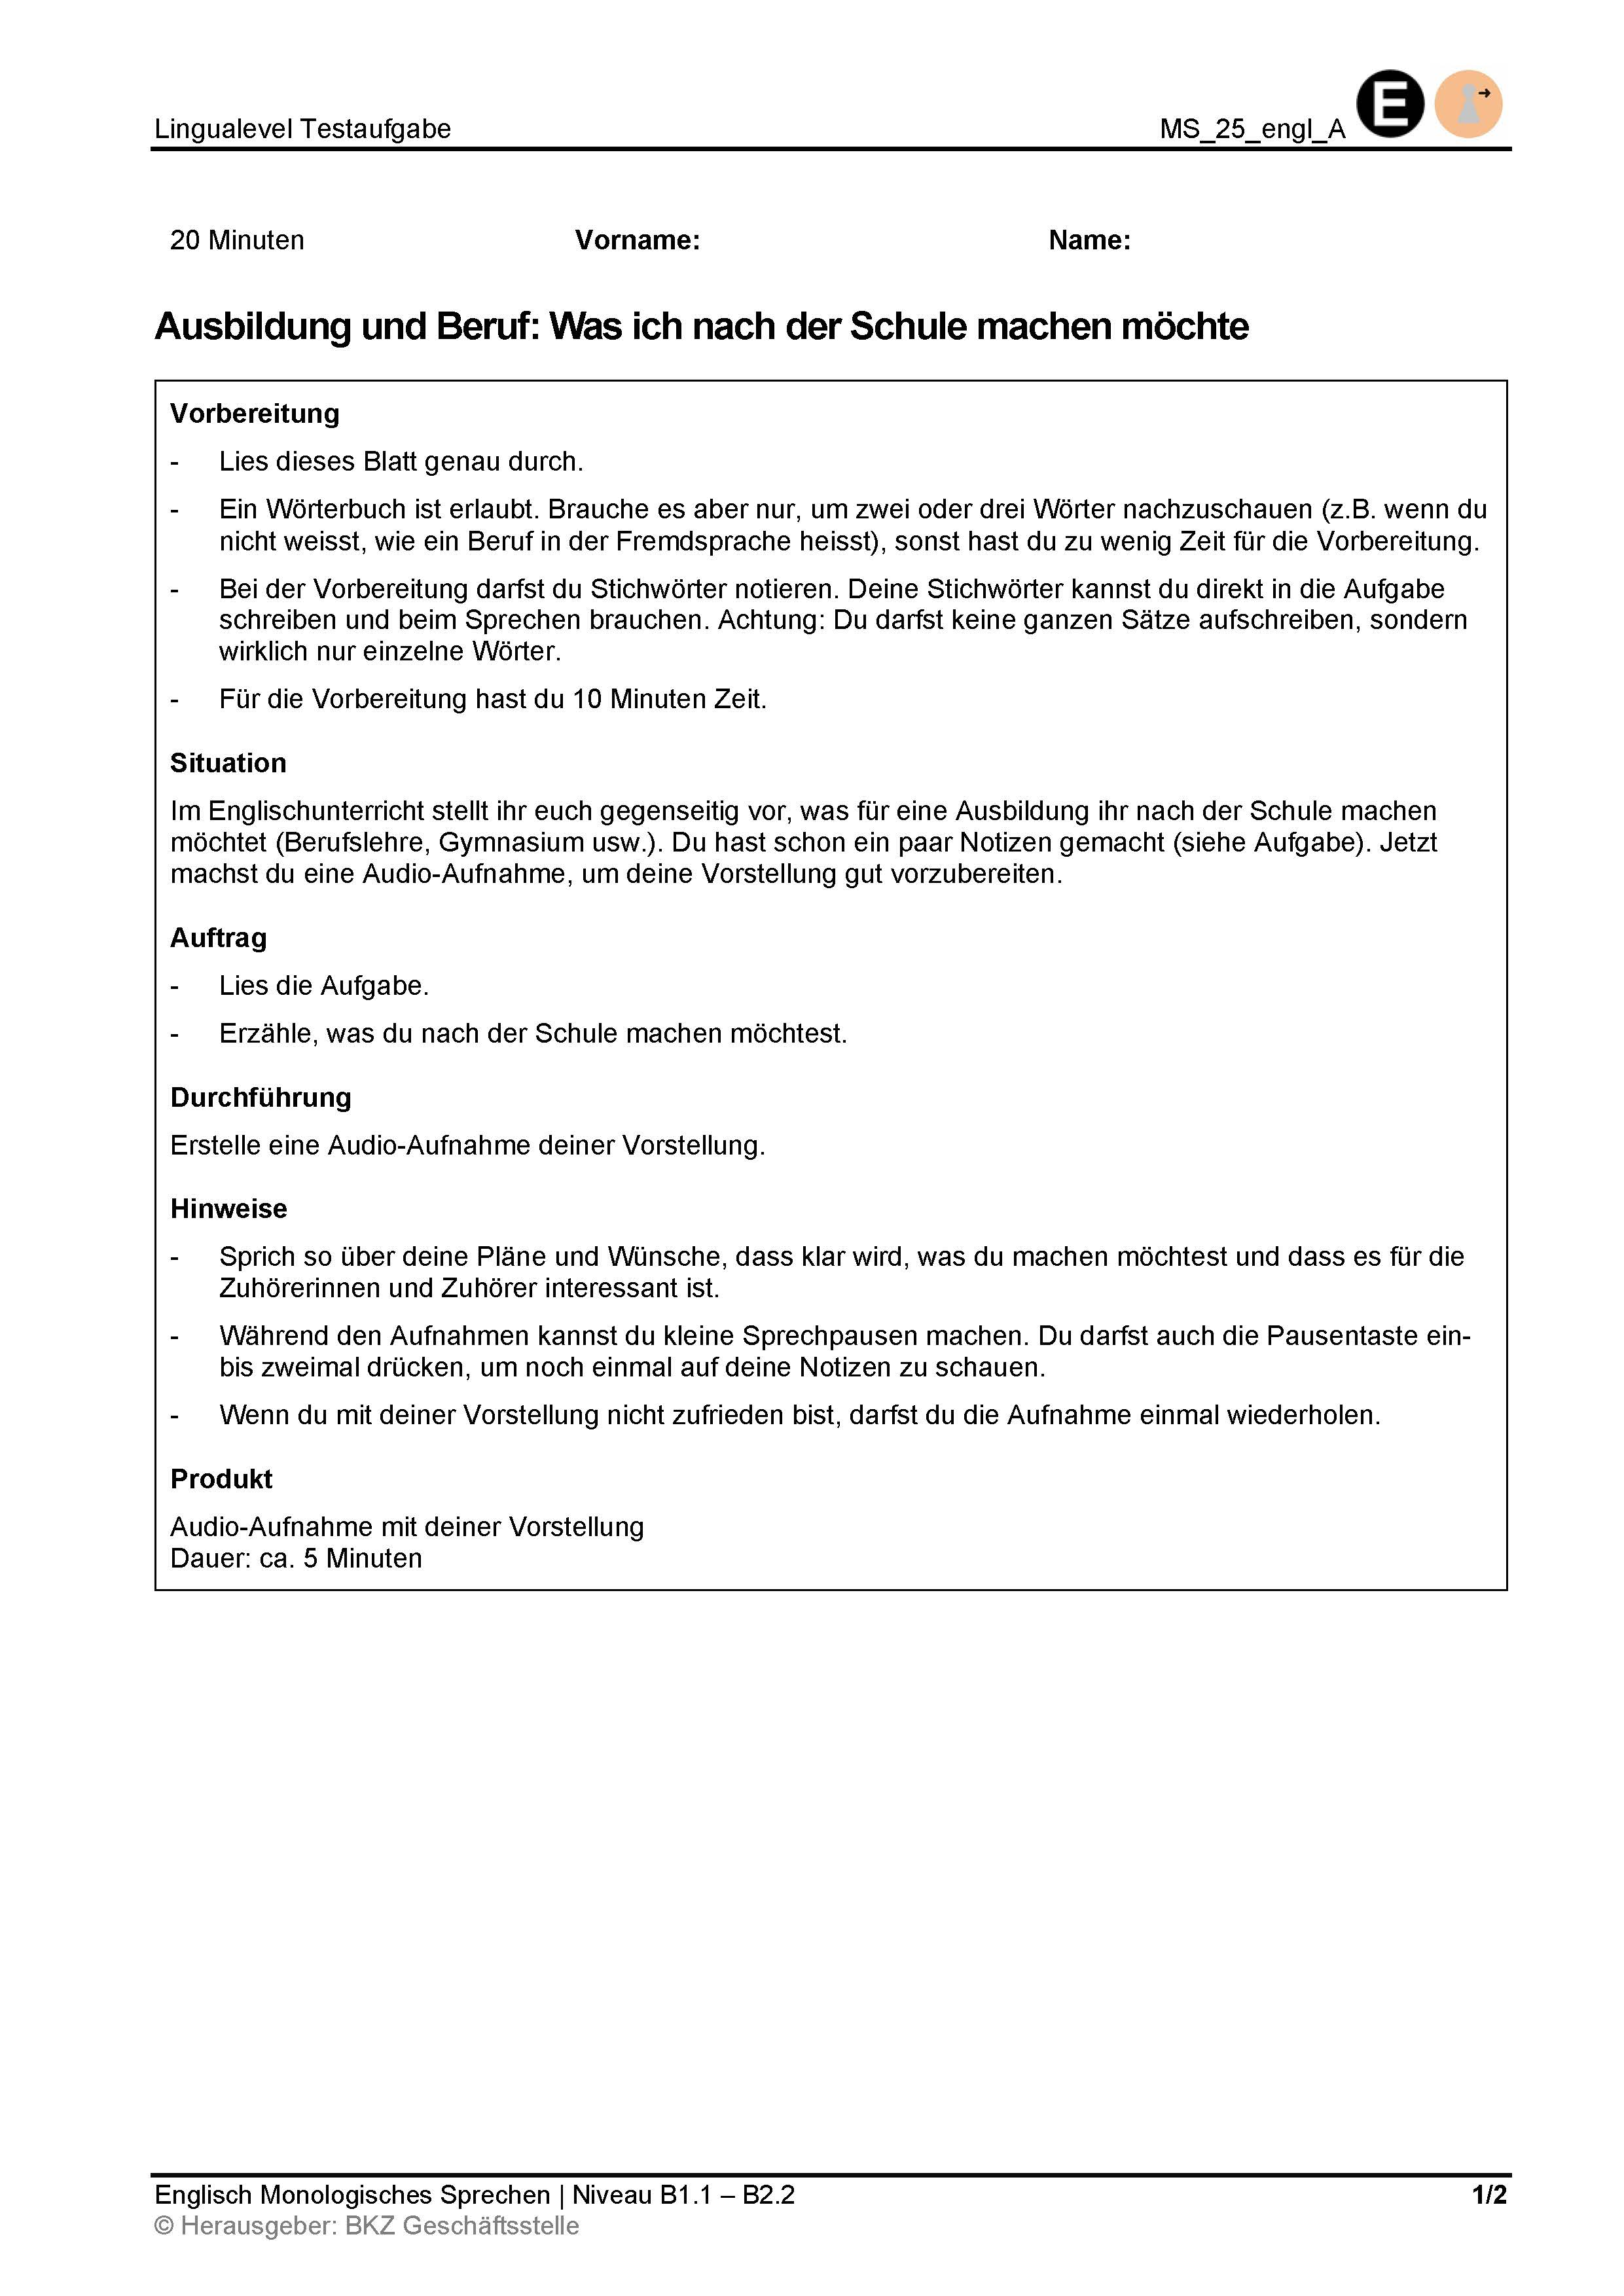 Preview image for LOM object Ausbildung und Beruf: Was ich nach der Schule machen möchte